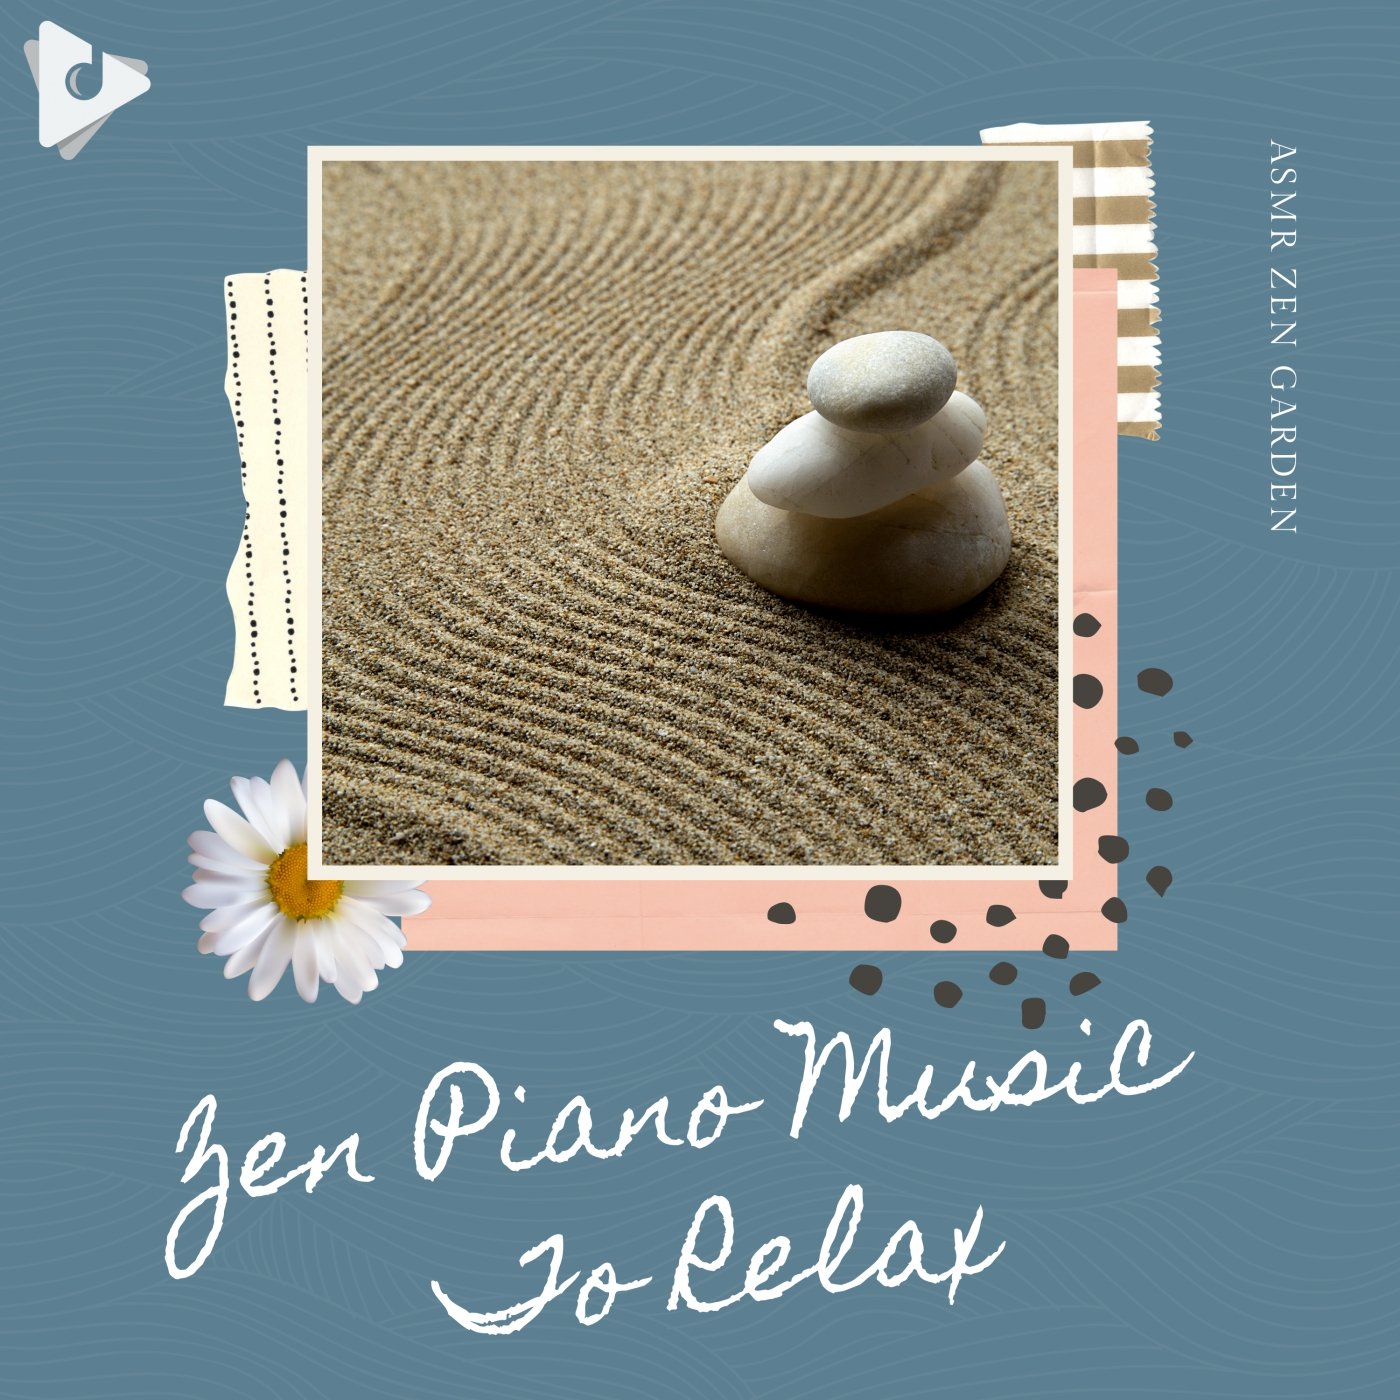 Zen Piano Music To Relax